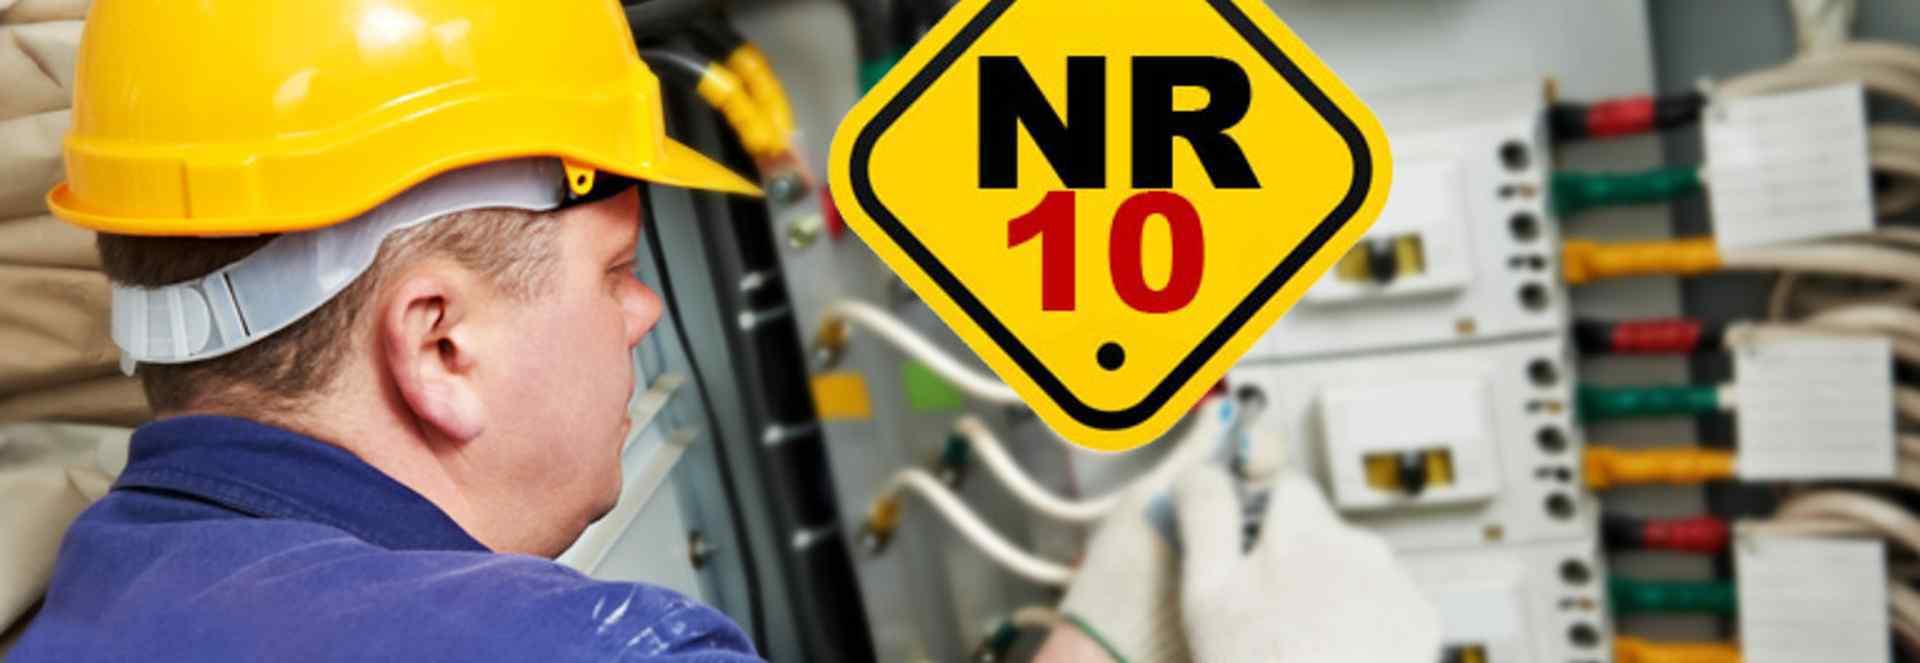 Curso NR10 em Uberlândia